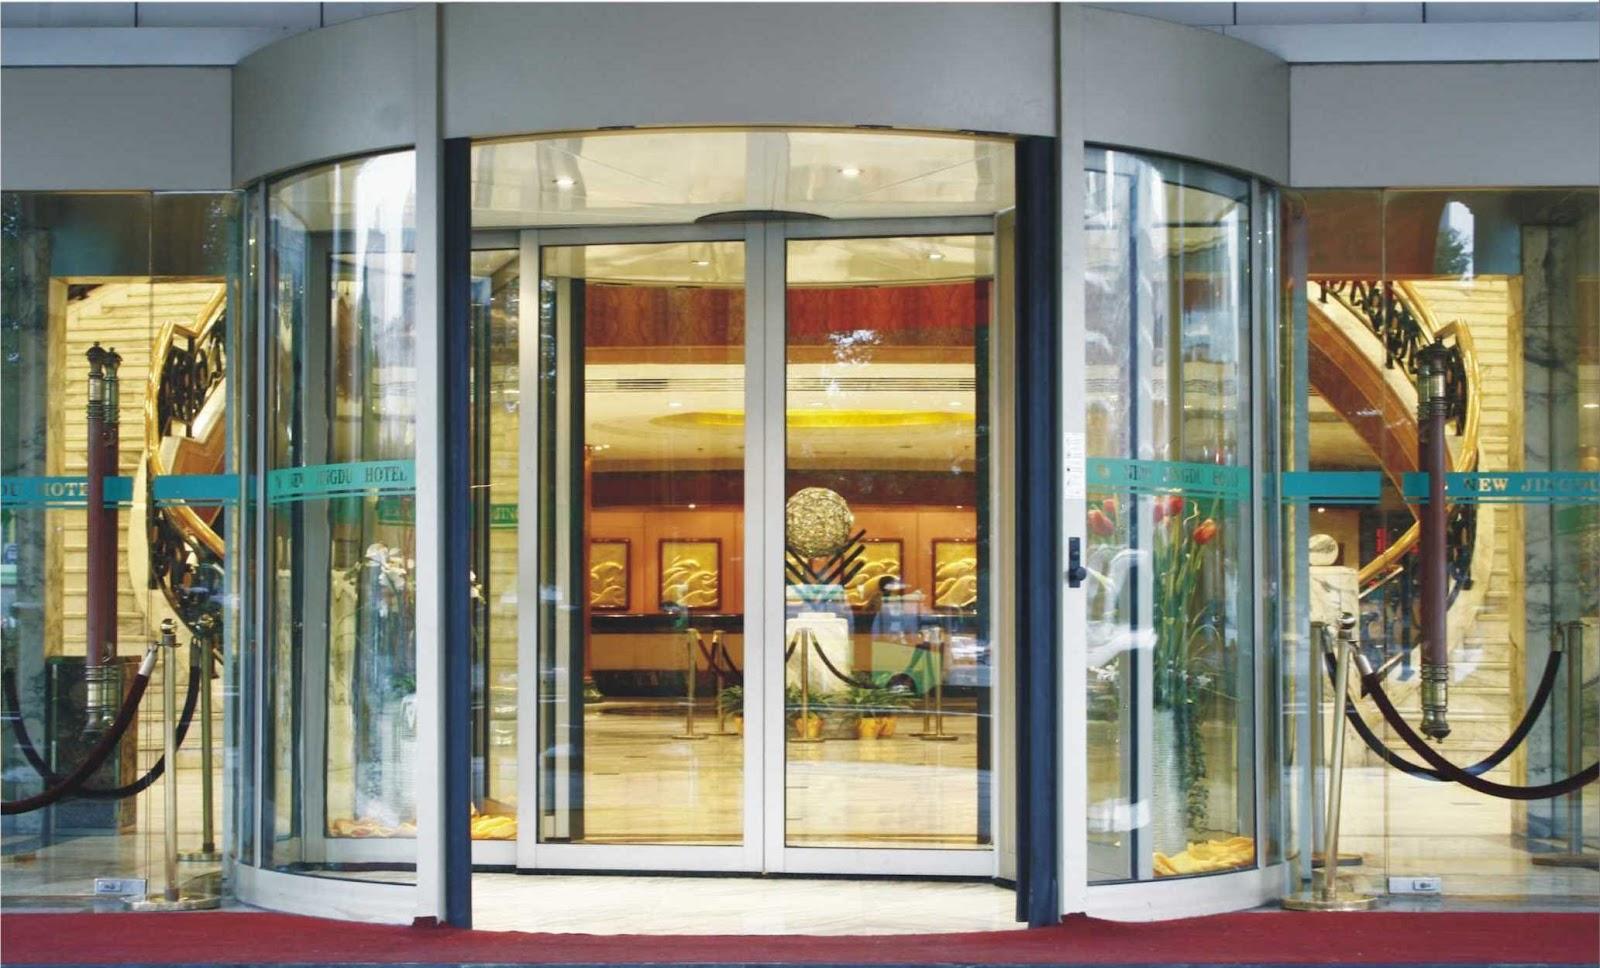 Cửa cổng tự động tại các khách sạn mang đến sự chuyên nghiệp và sang trọng